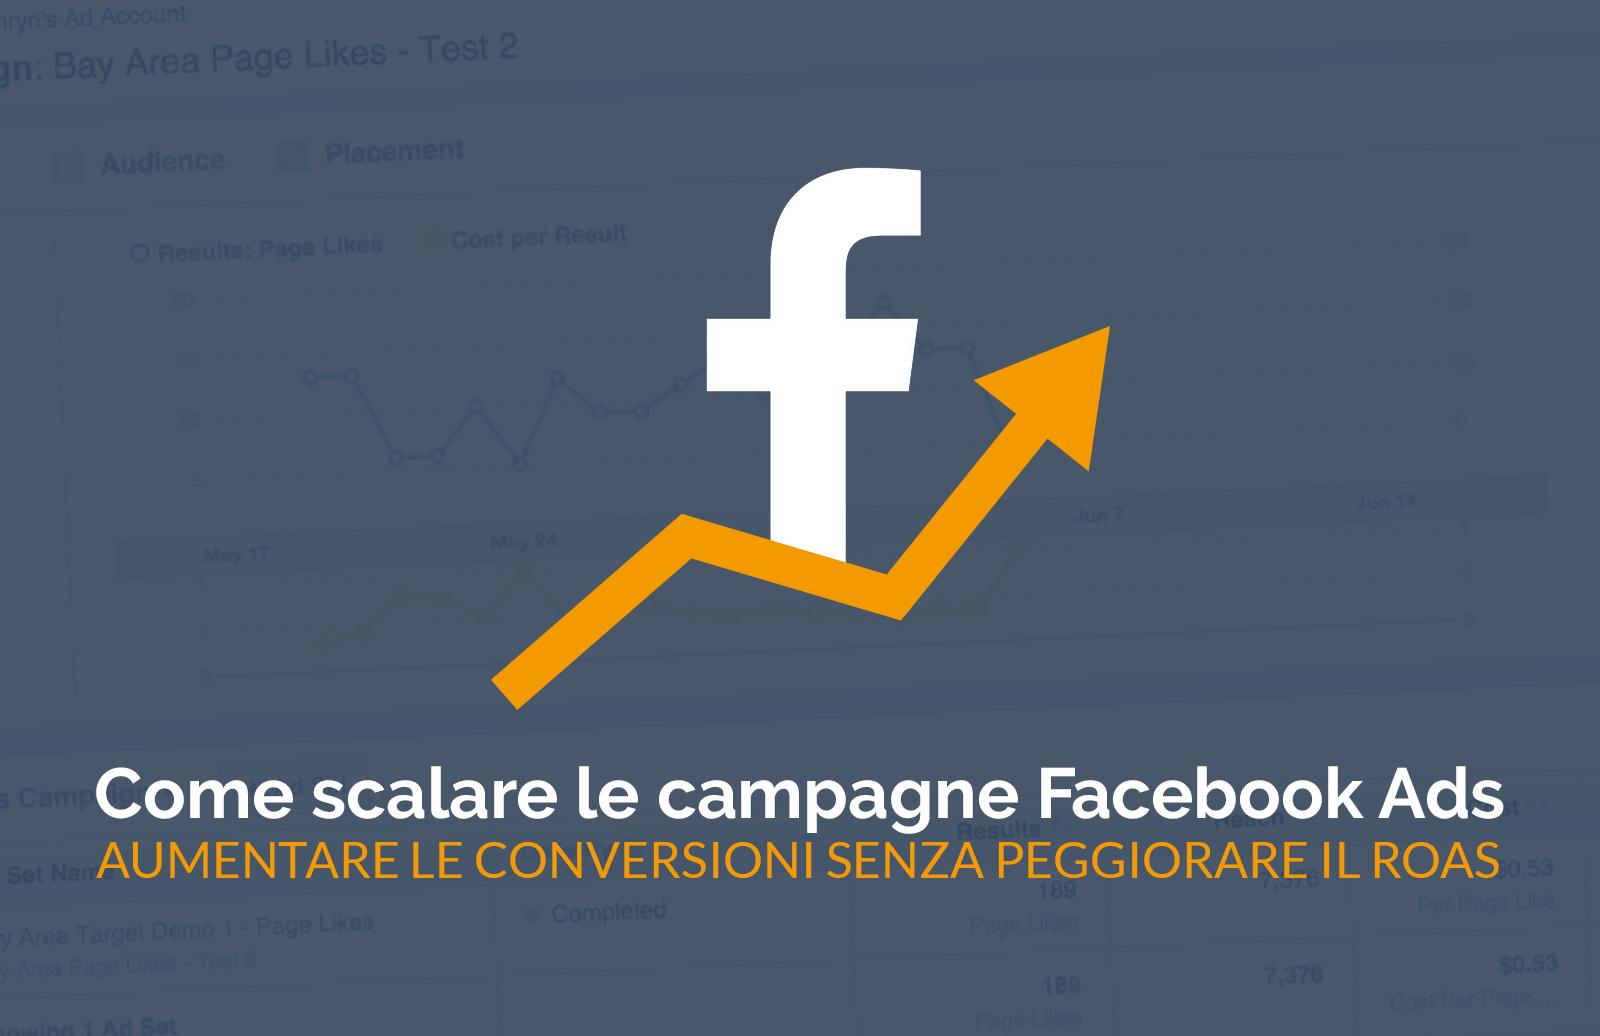 [Facebook ADS] Scalare le campagne: aumentare le conversioni senza peggiorare il ROI